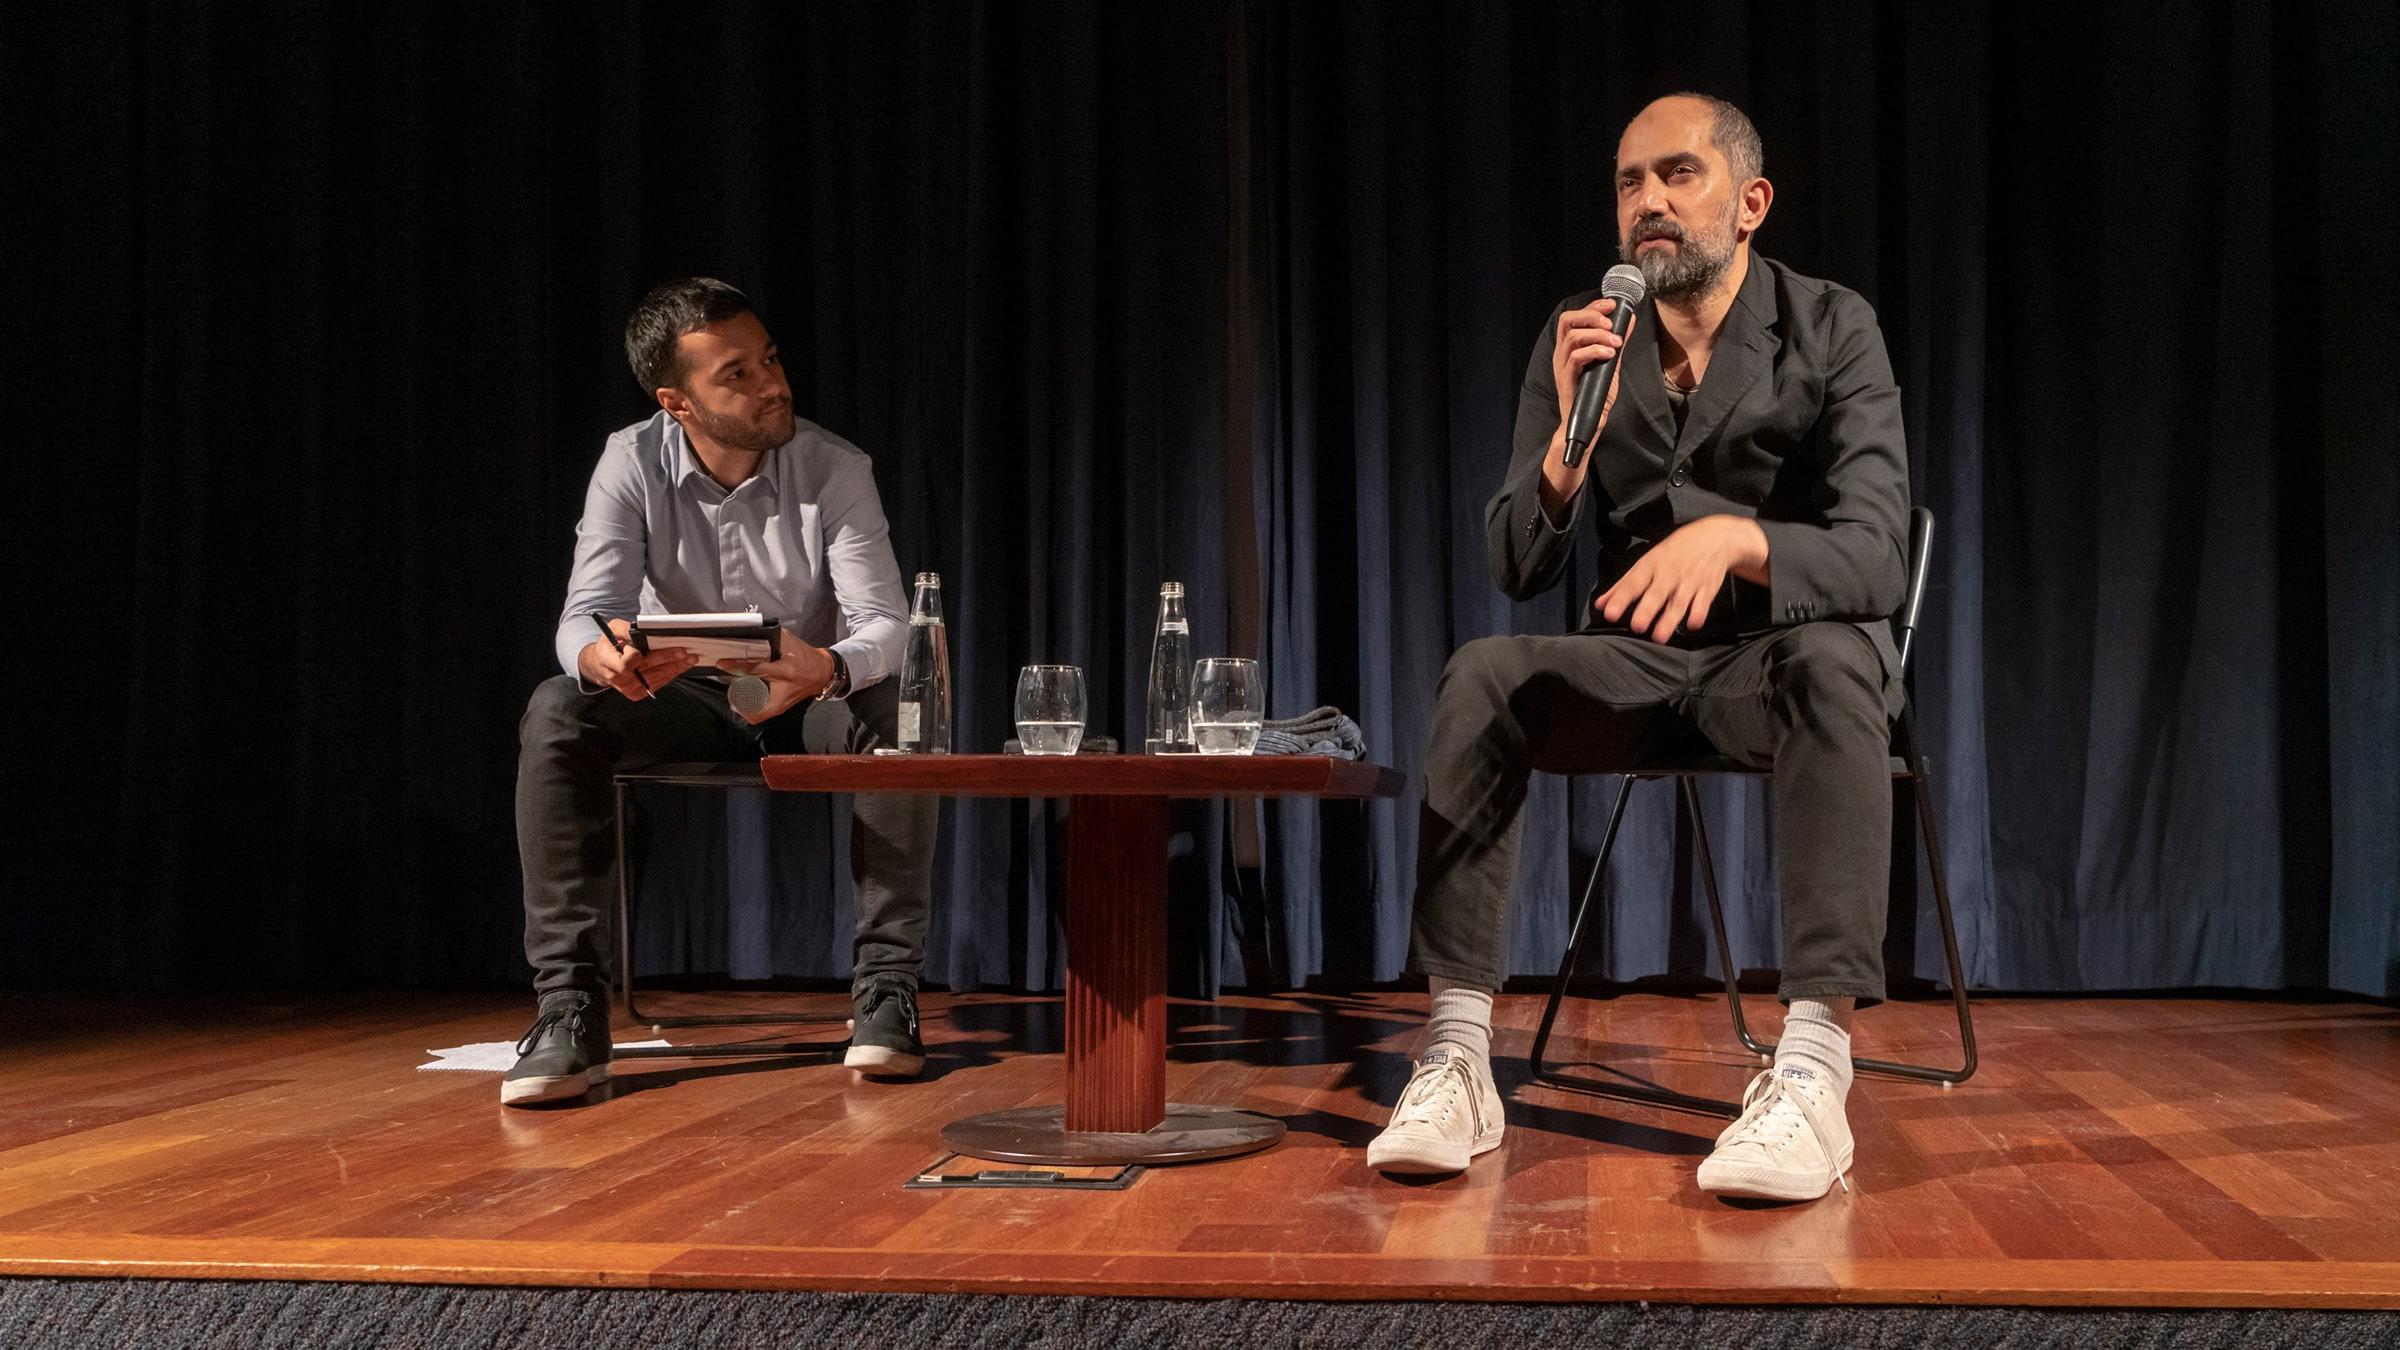 Director Shlomi Elkabetz in Conversation